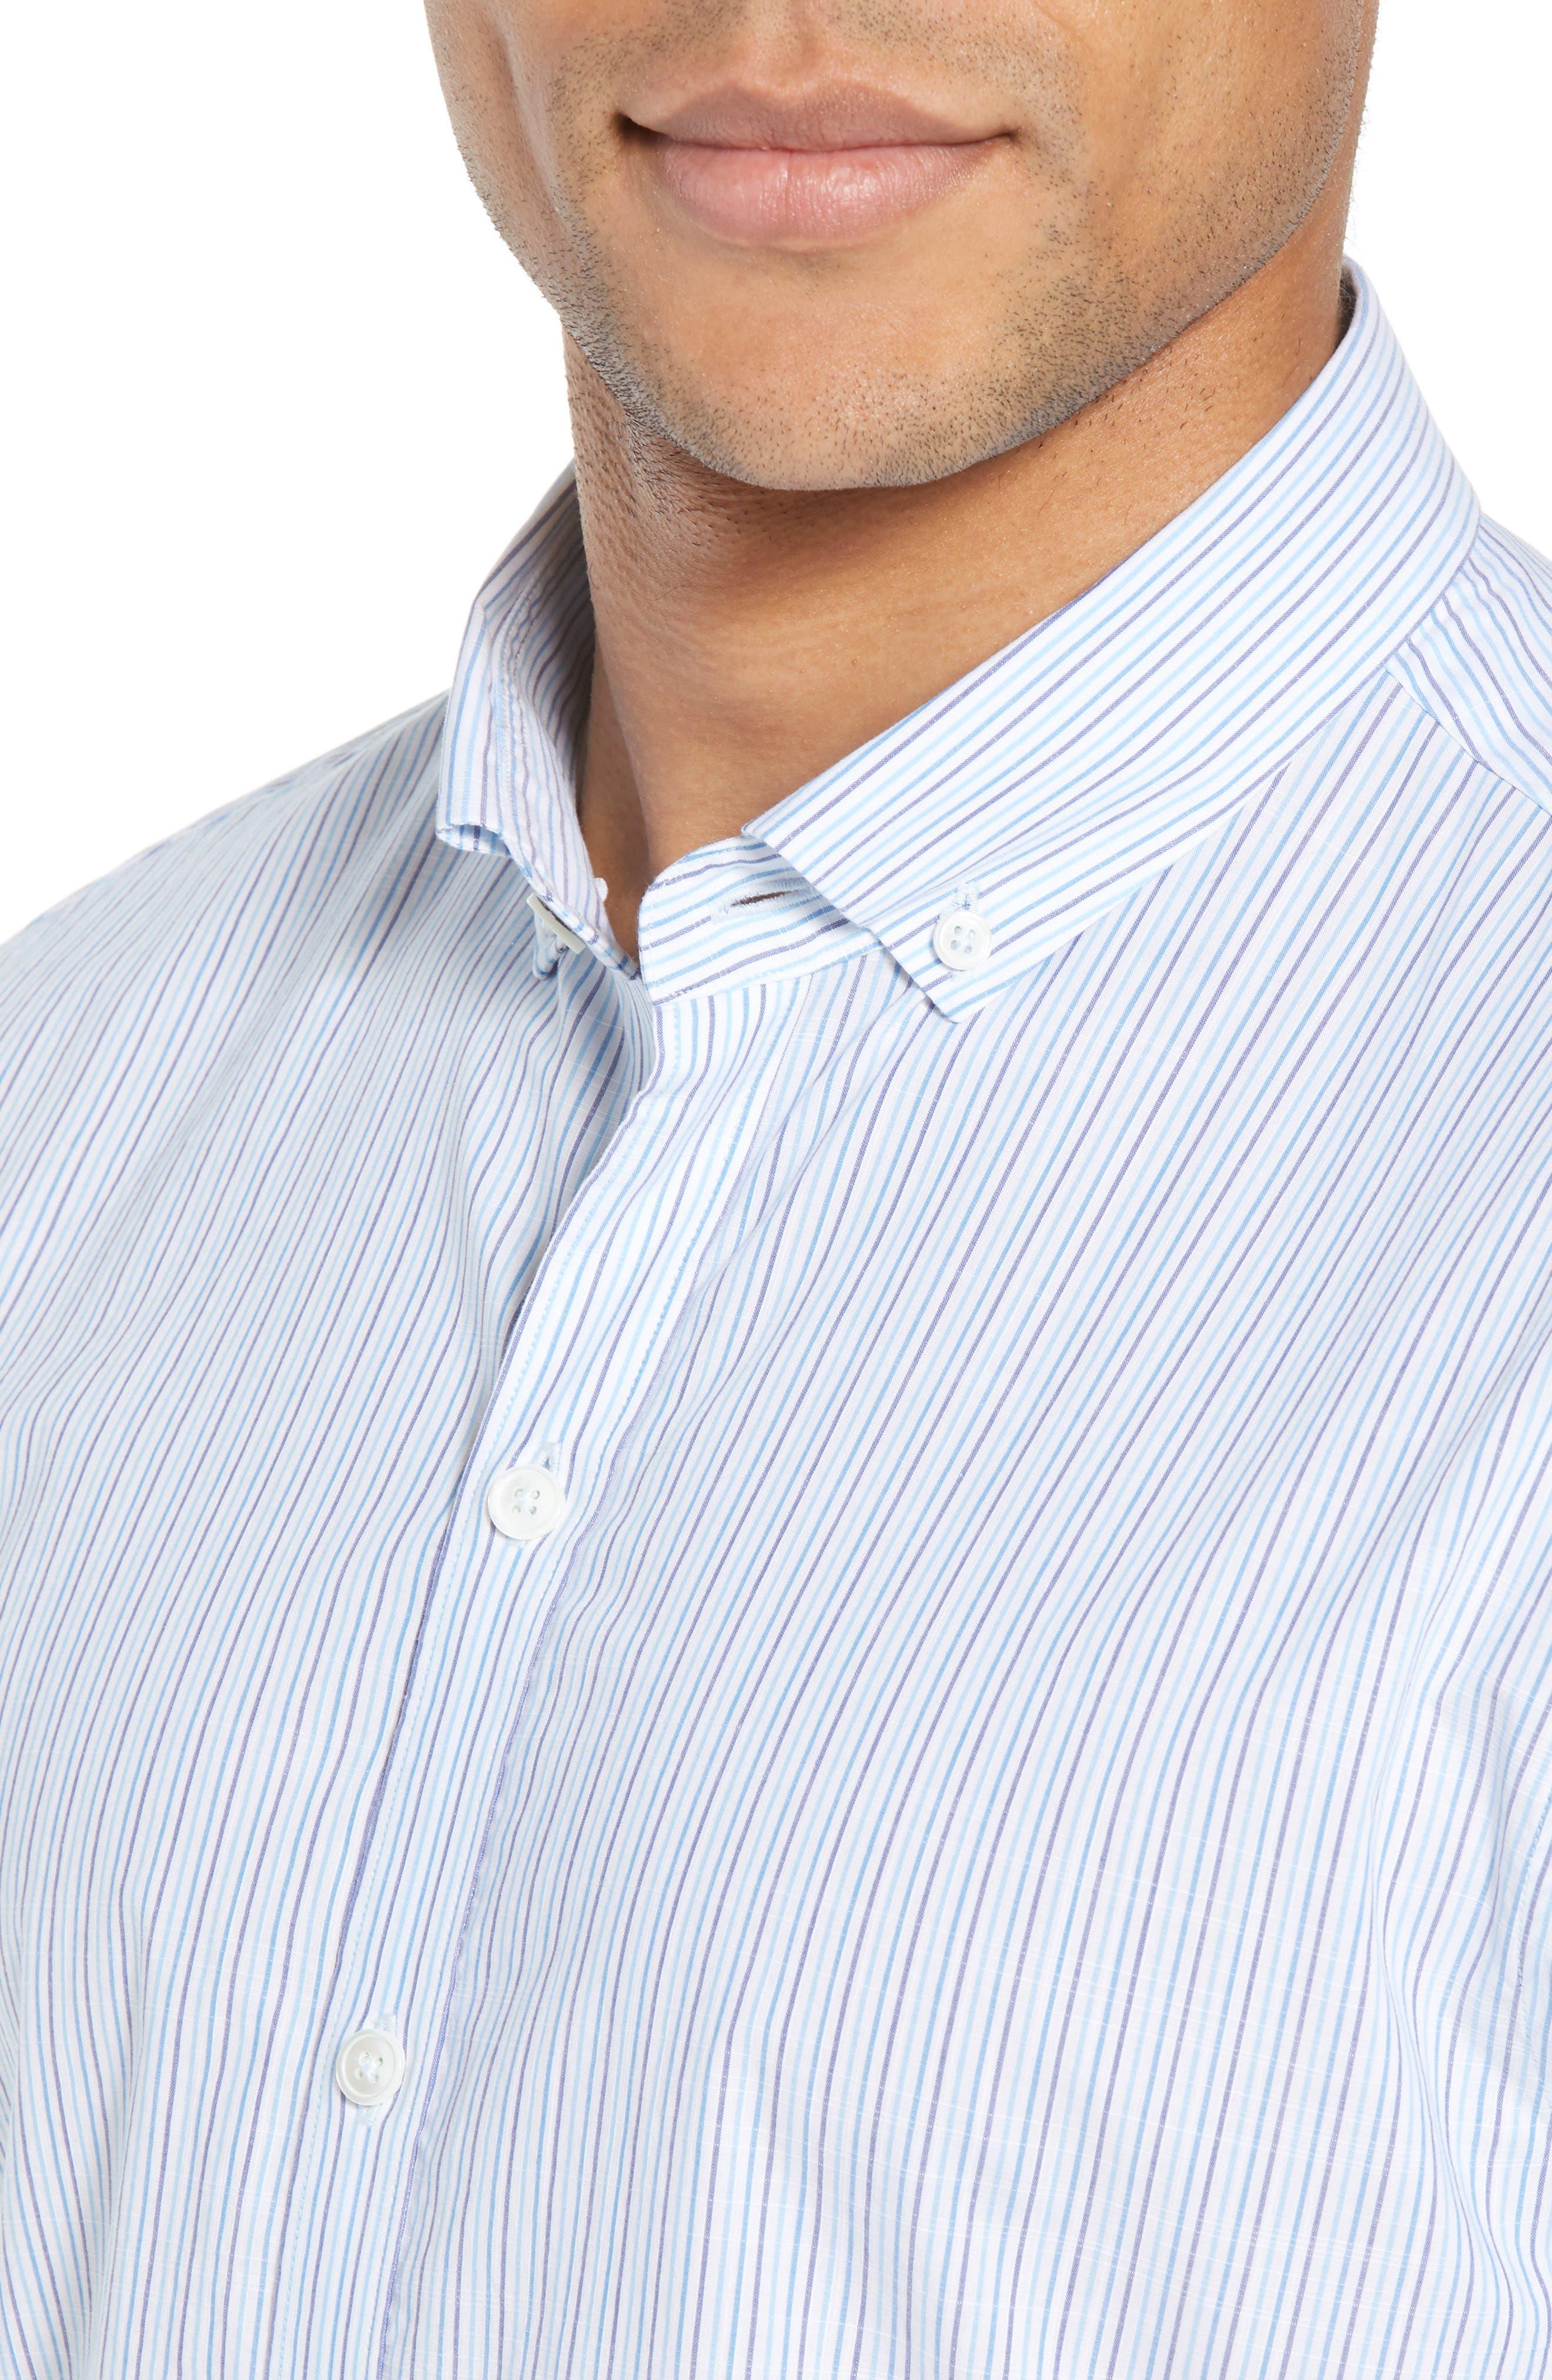 Skeeter Stripe Sport Shirt,                             Alternate thumbnail 4, color,                             440